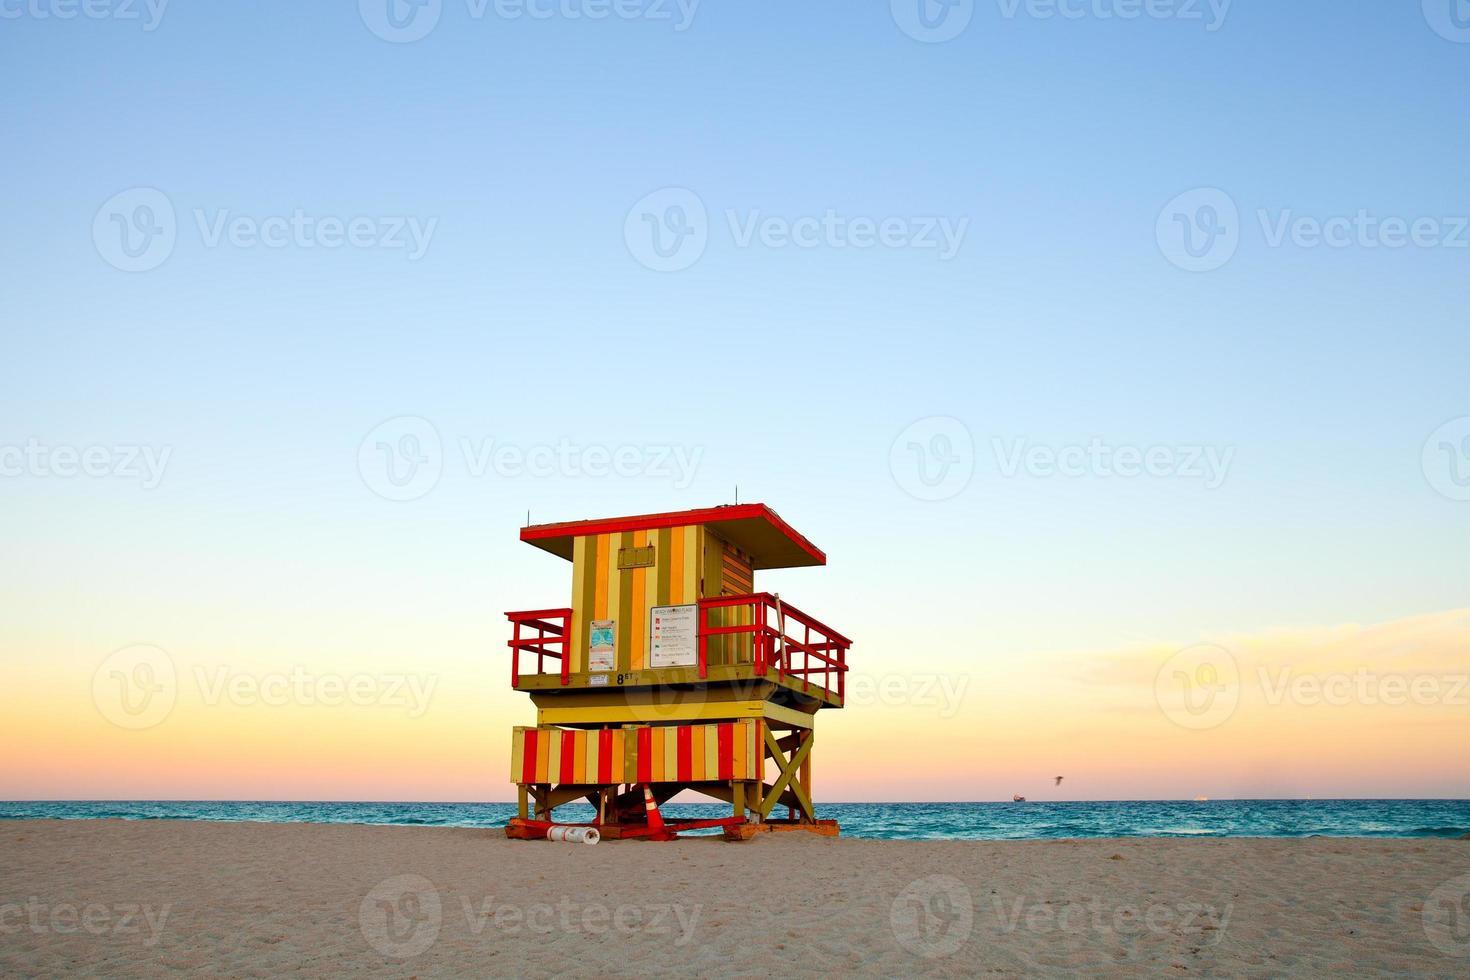 Miami Beach Rettungsschwimmer Haus foto